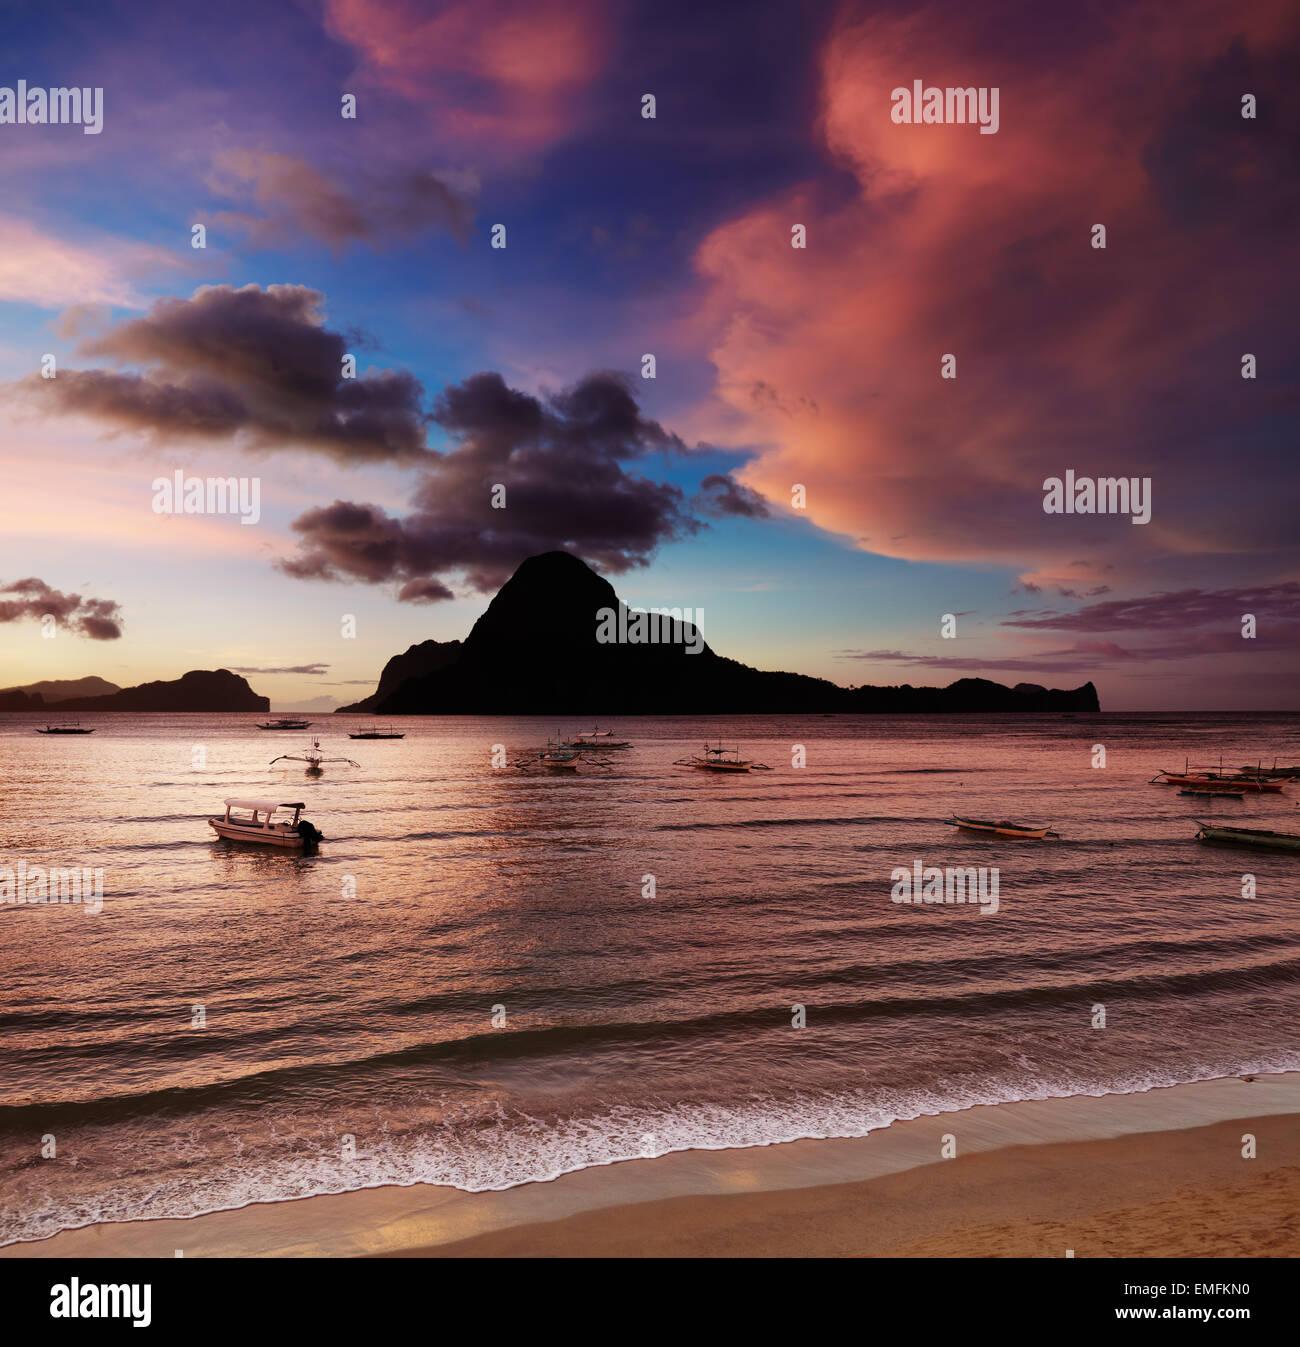 El Nido bahía y Cadlao al atardecer, la isla de Palawan, Filipinas Imagen De Stock